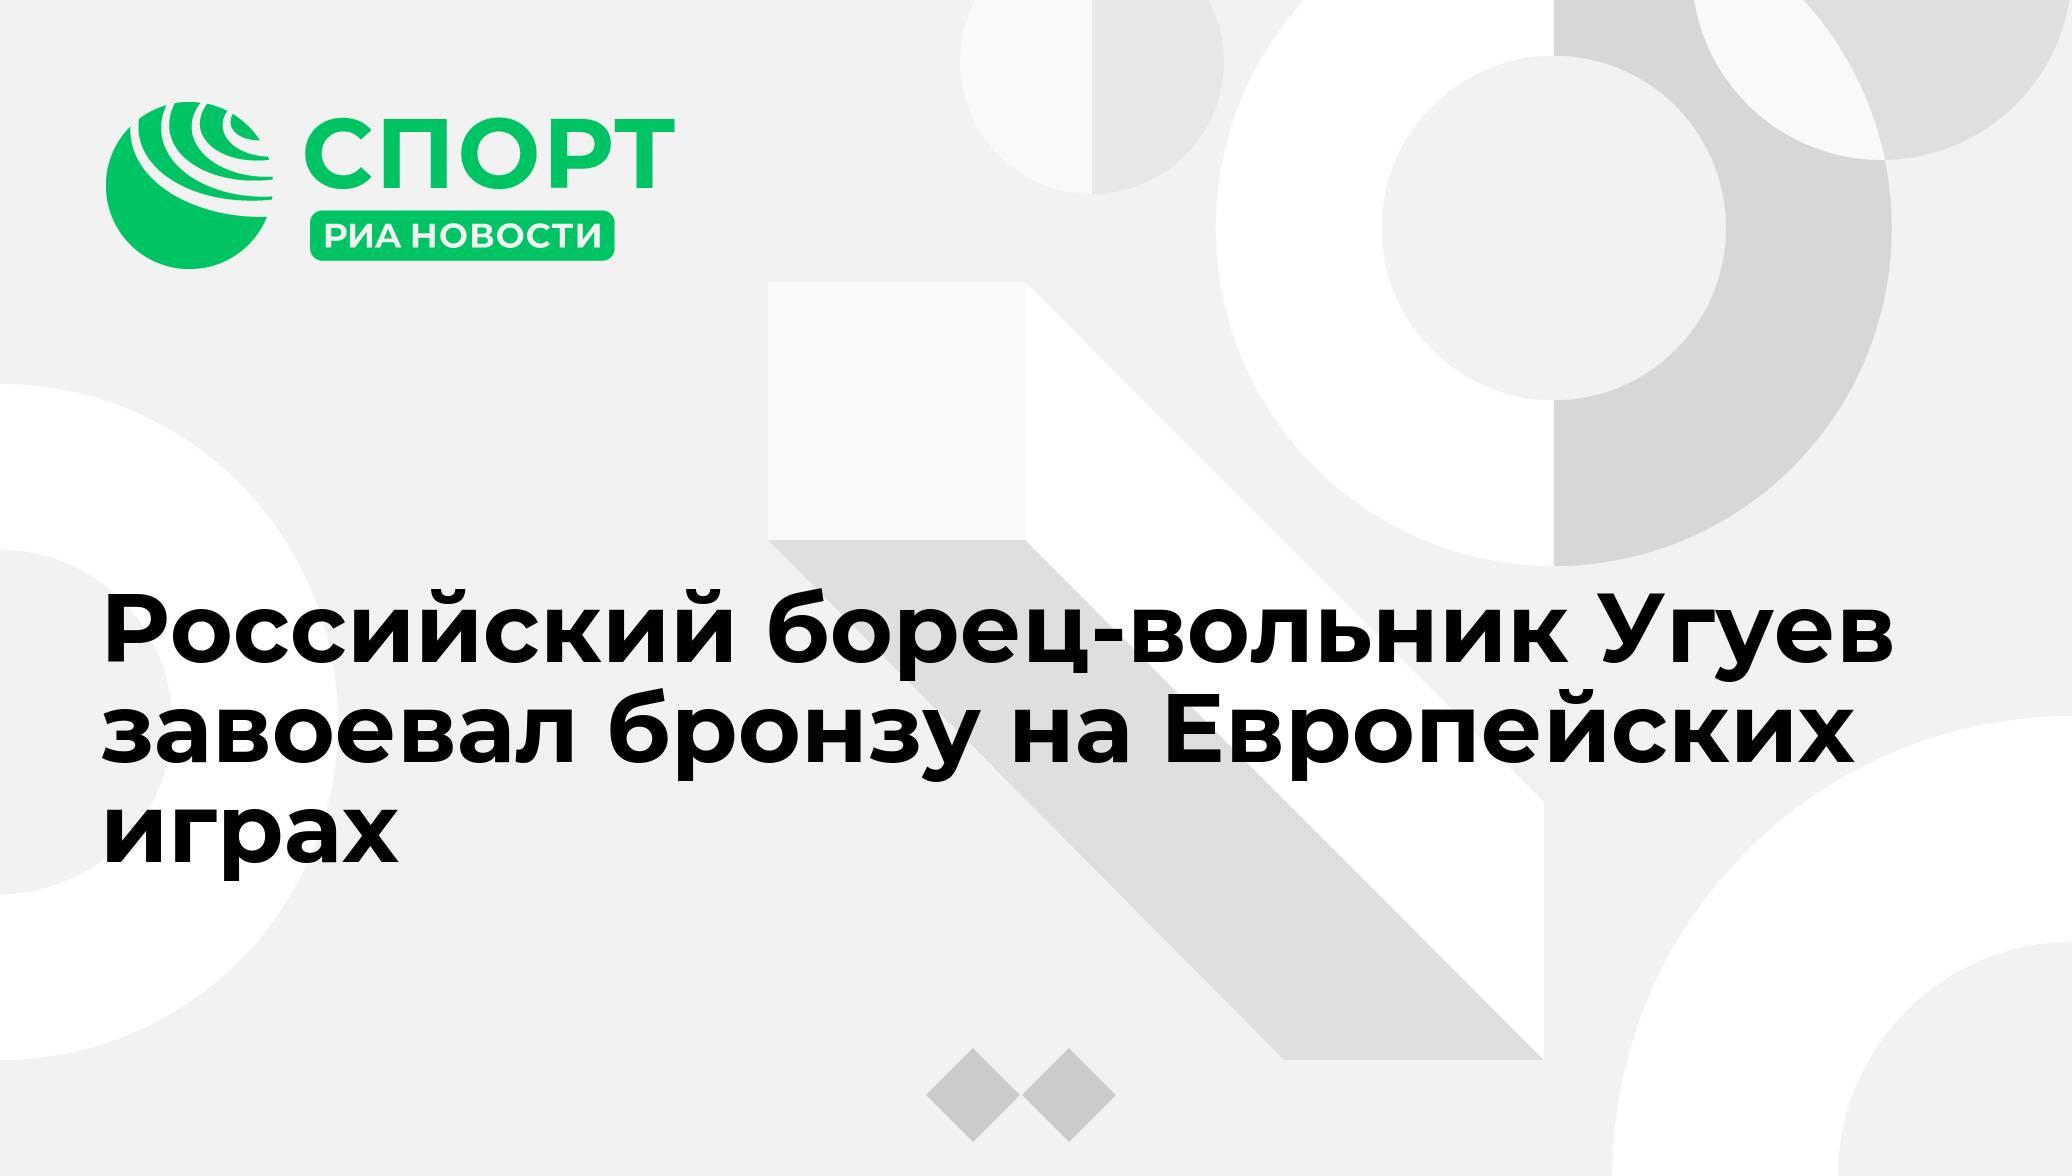 Российский борец-вольник Угуев завоевал бронзу на Европейских играх